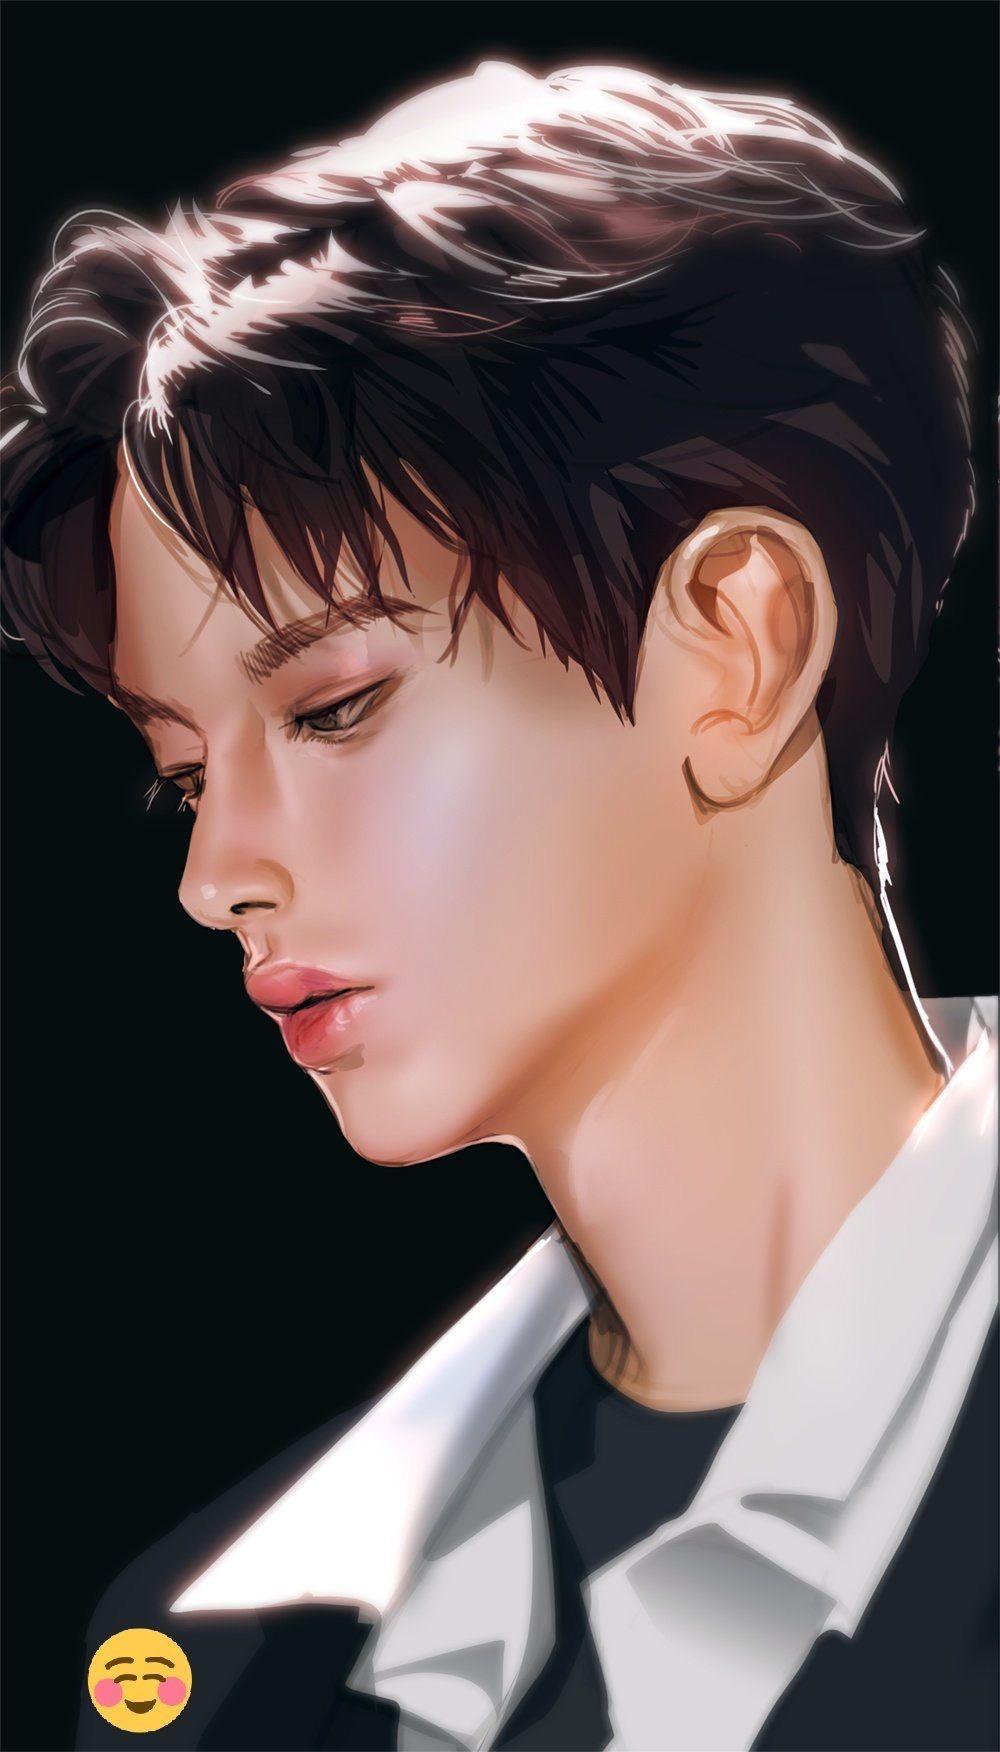 Gambar Anime anak lakilaki oleh Selly Anggreani pada Kim